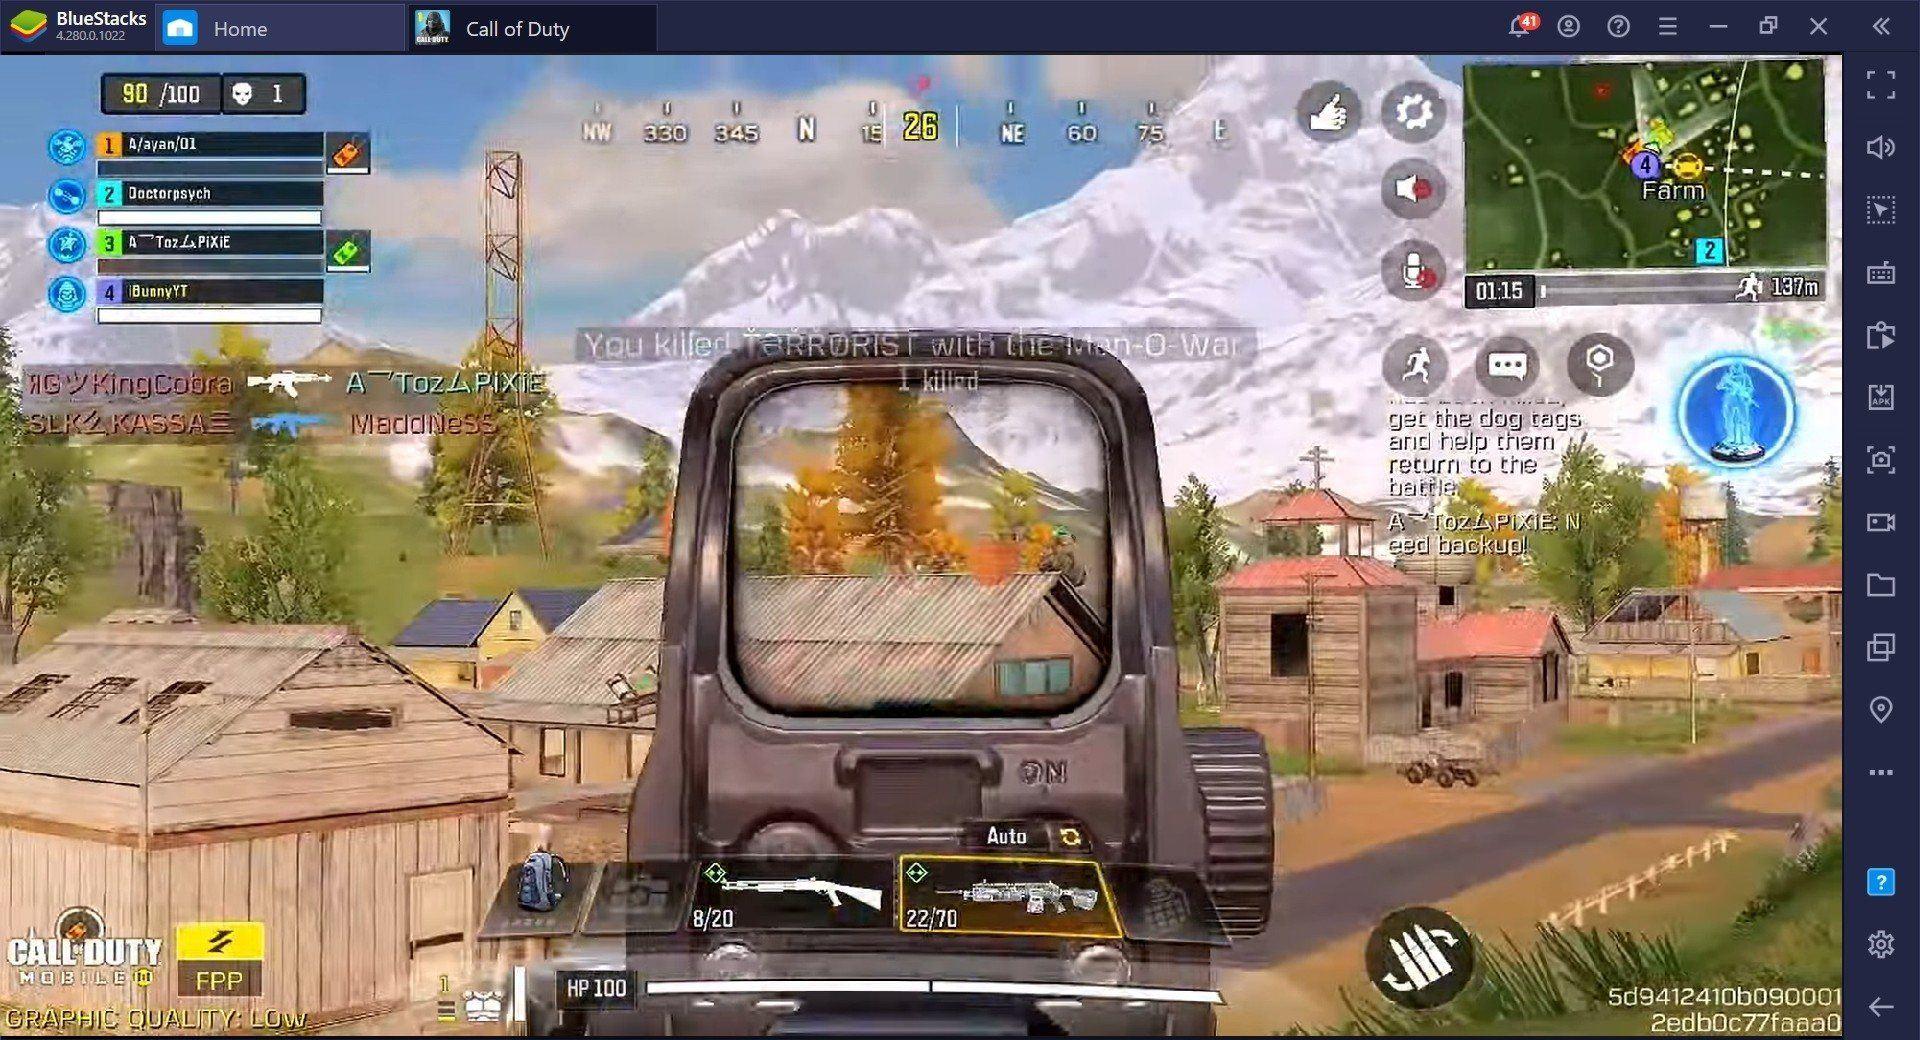 دليل فئة للعبة Call of Duty: Mobile – فك الرموز في فئة الـ Desperado بشكل يائس